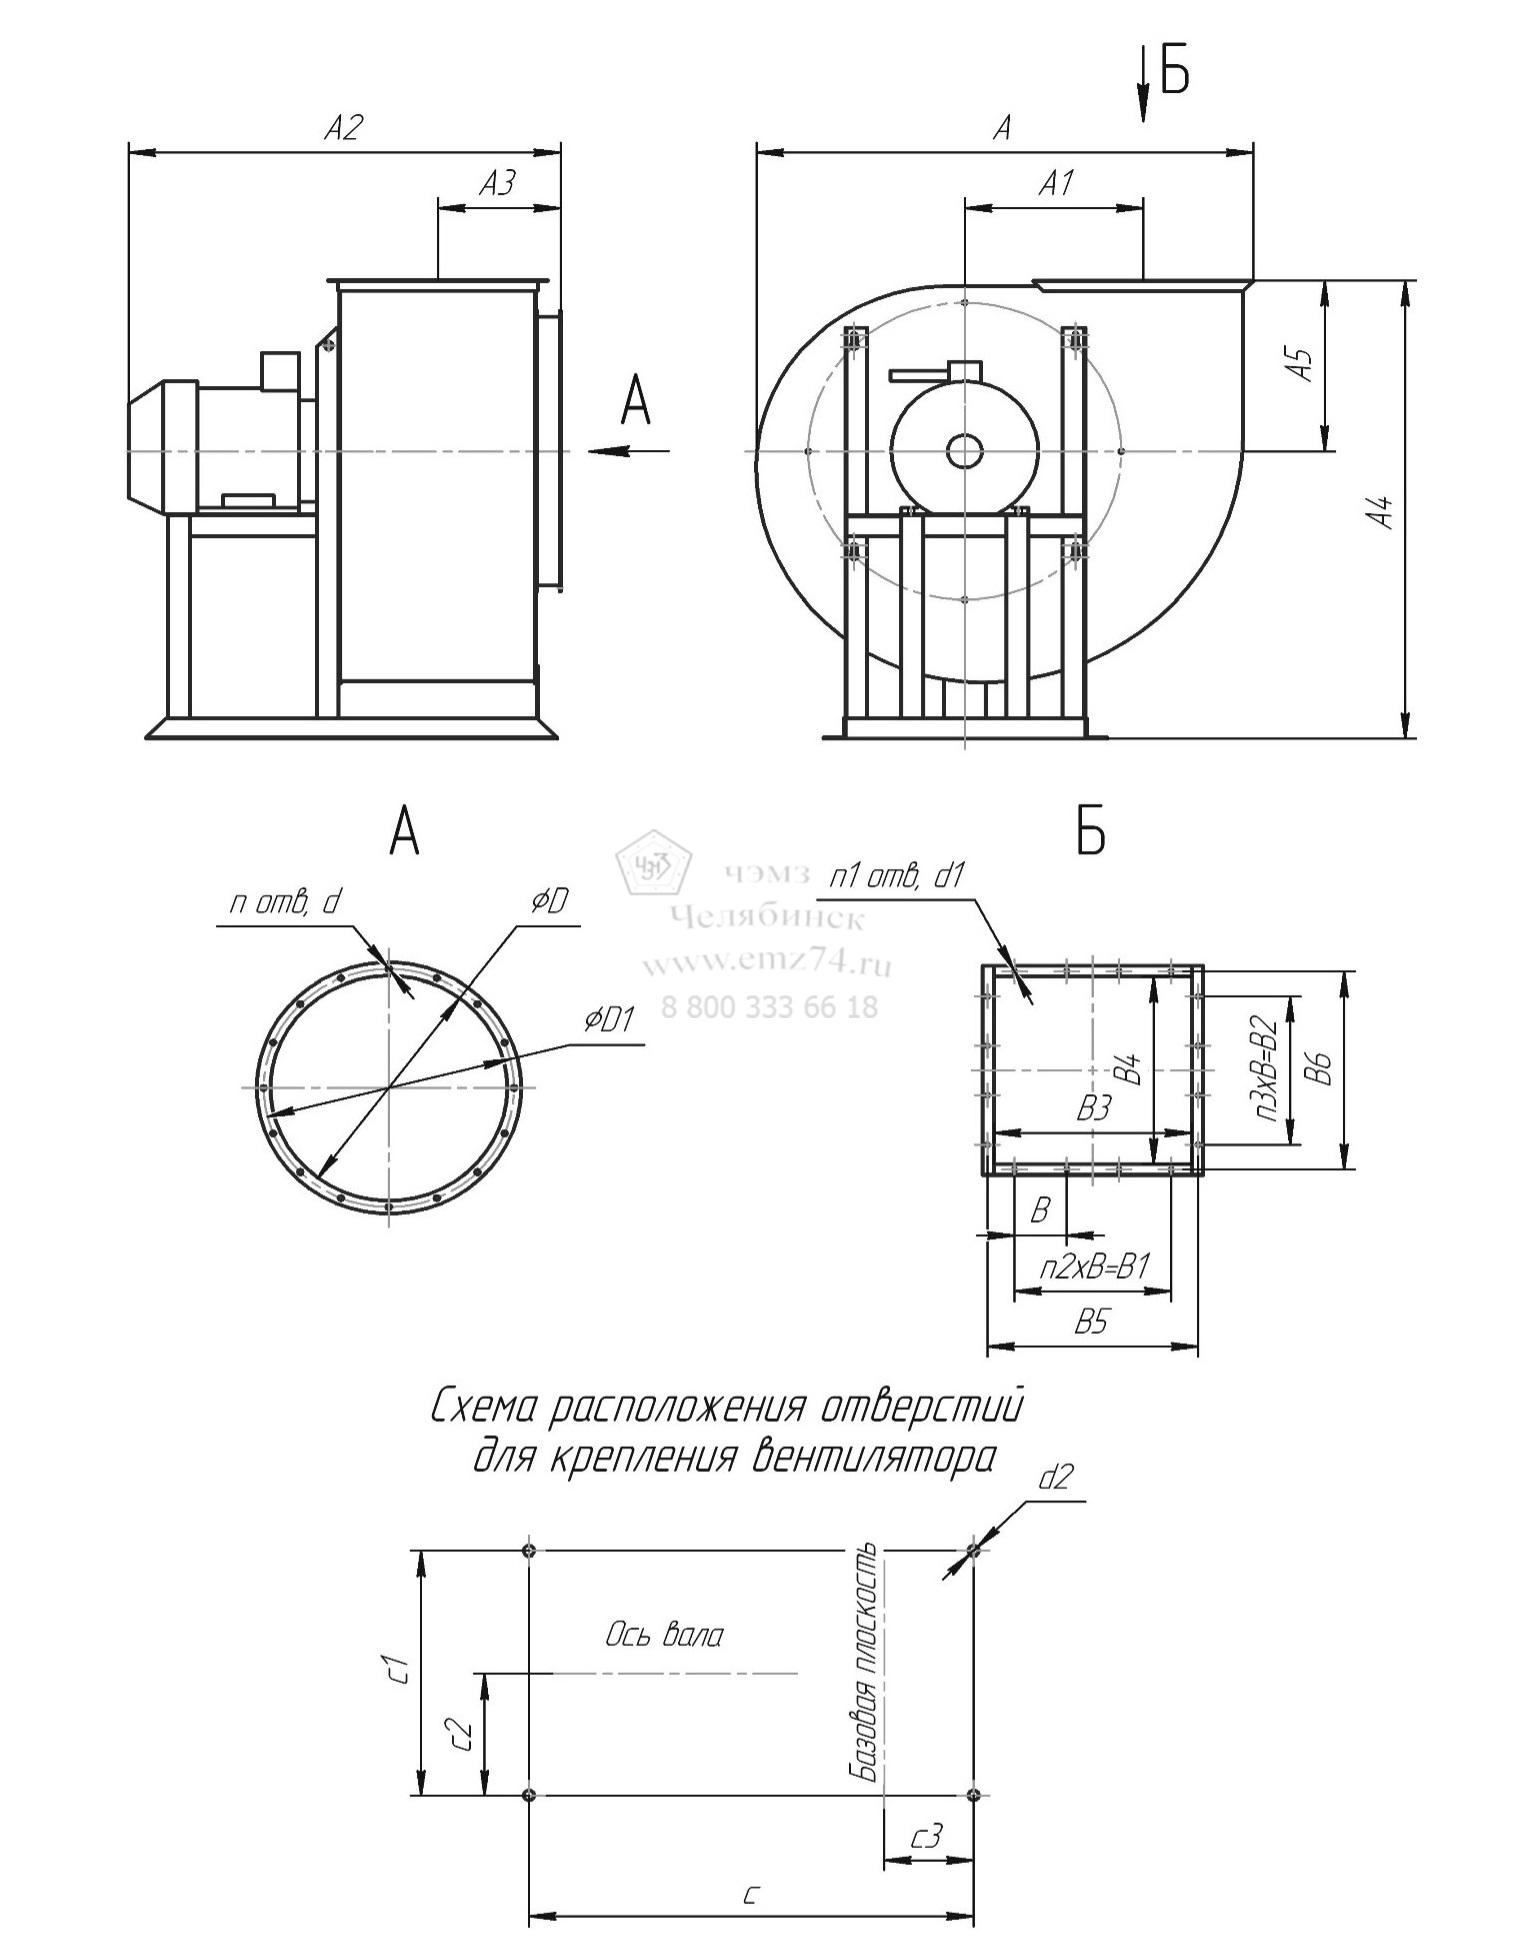 Габаритно-присоединительная схема вентилятора ВЦ 14-46-3,15 на сайте ЧЭМЗ